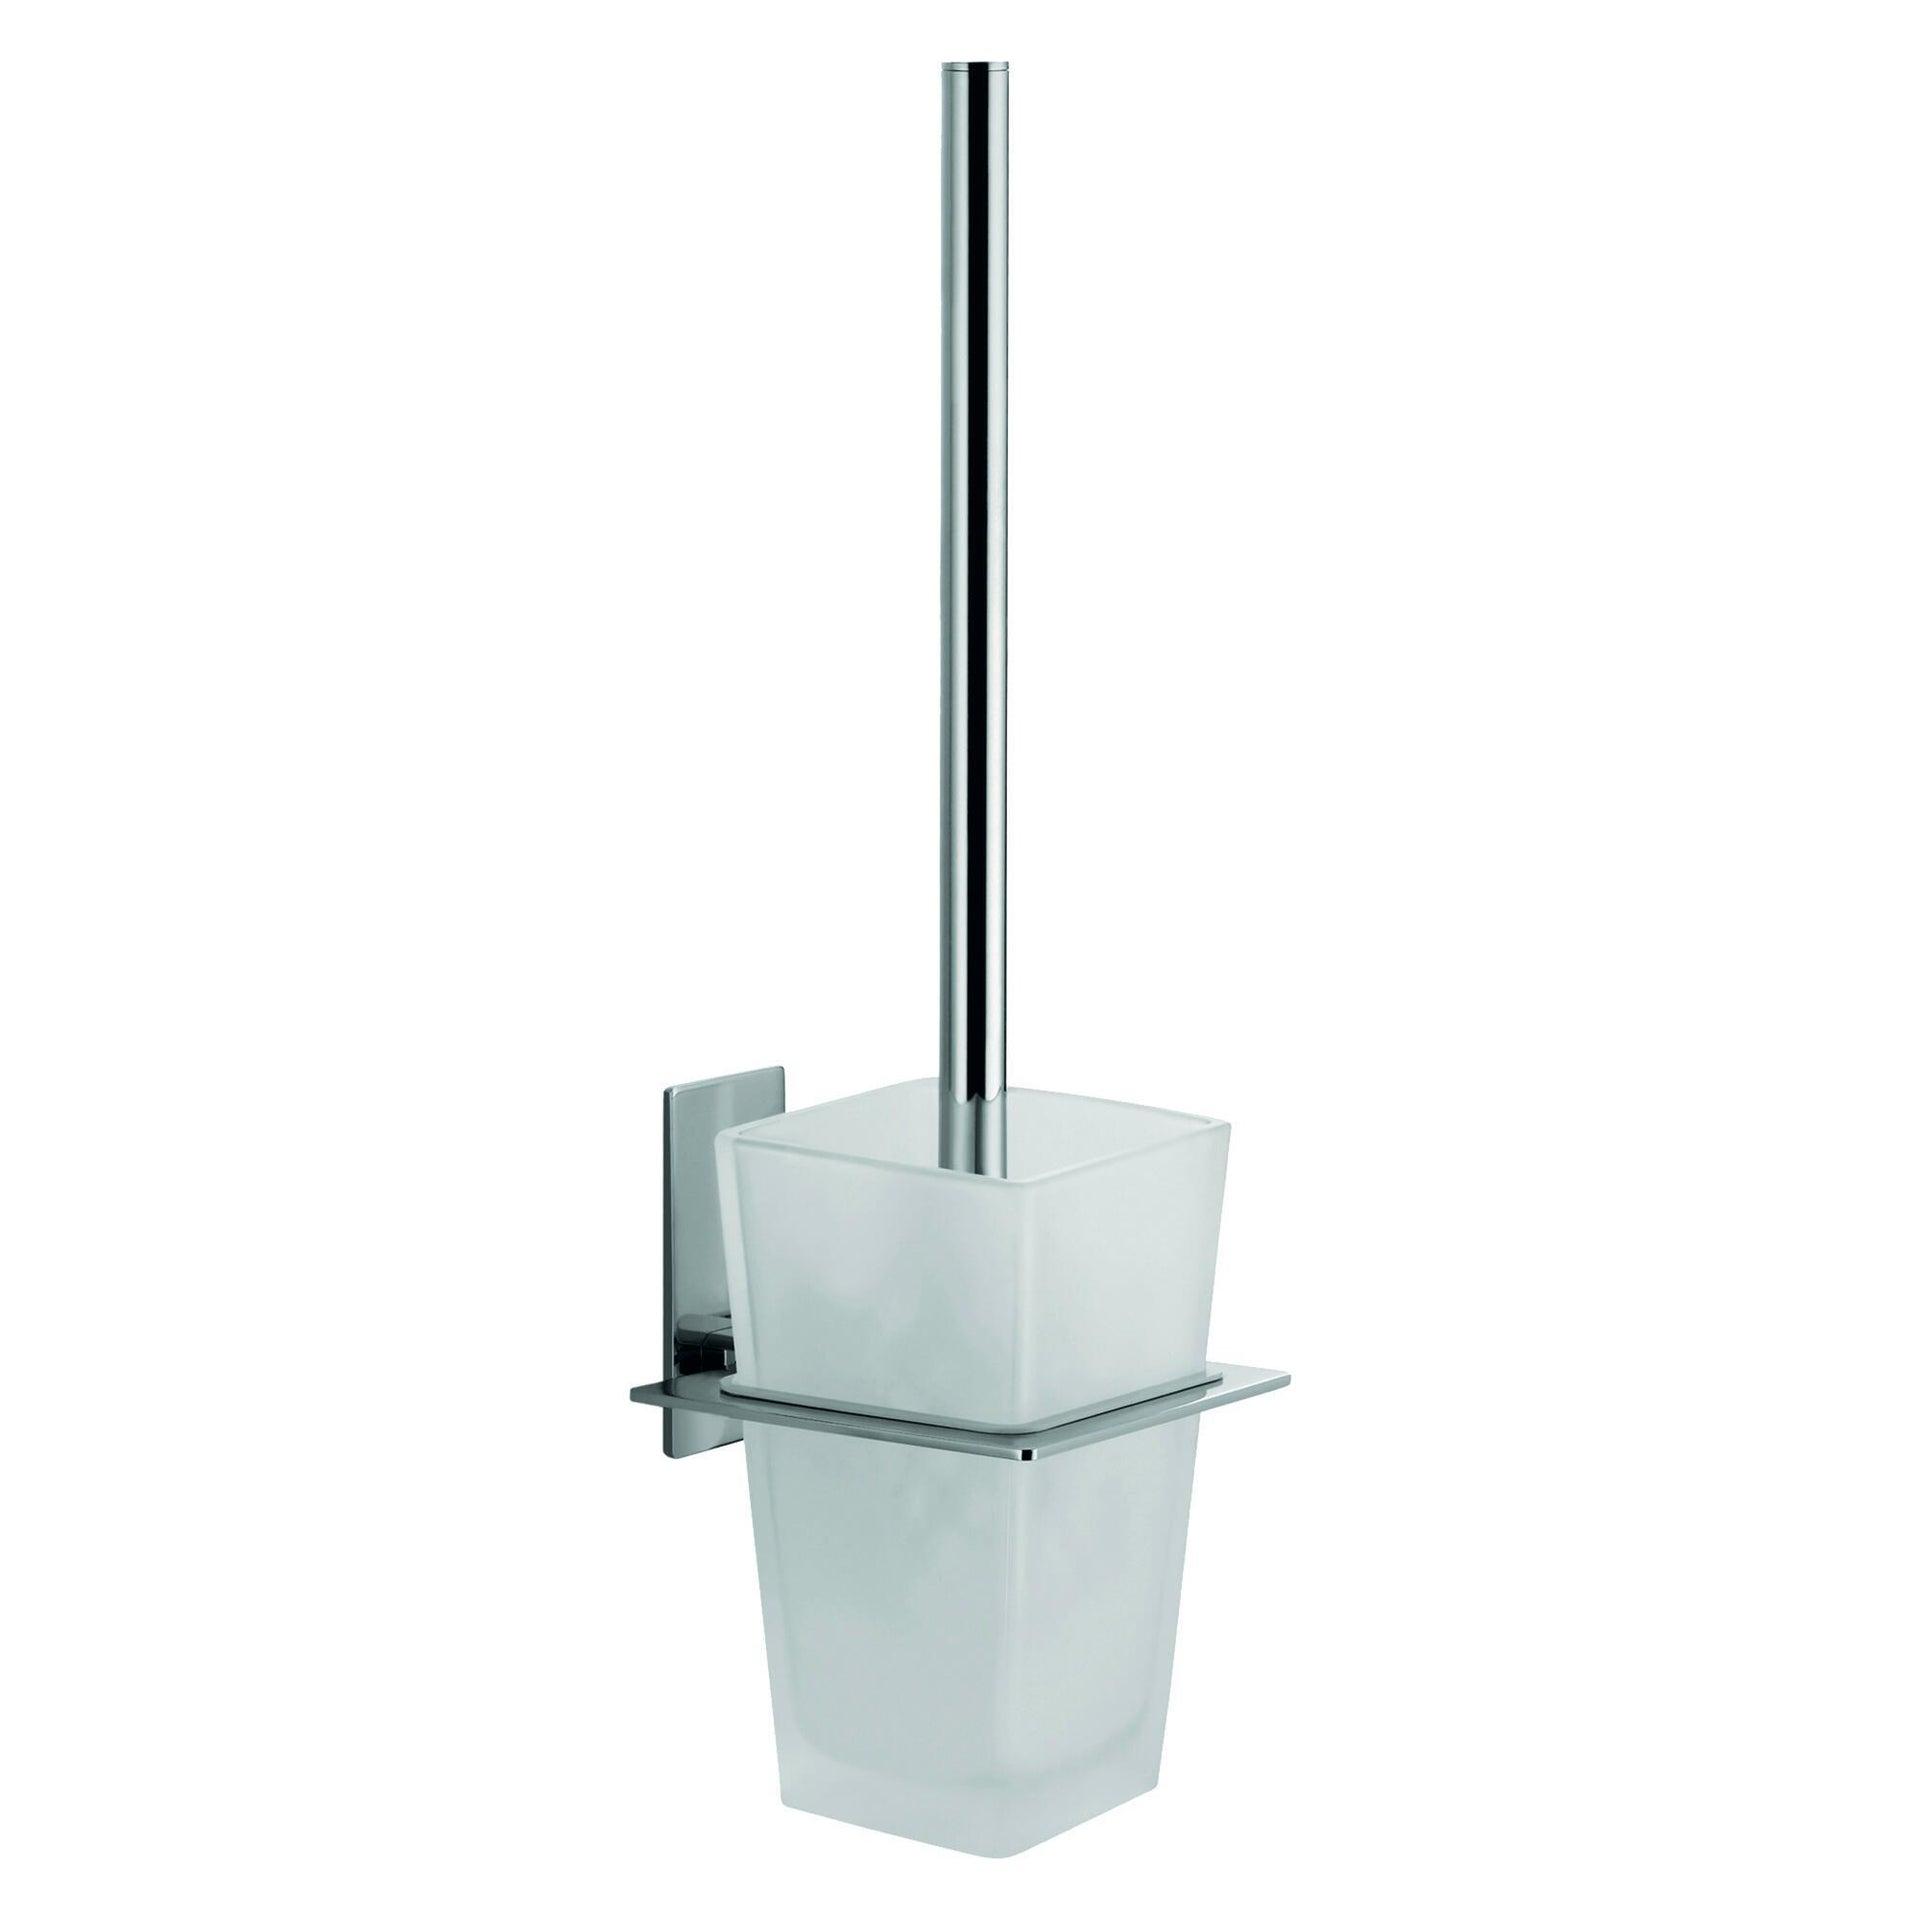 Porta scopino wc a muro Class in vetro grigio